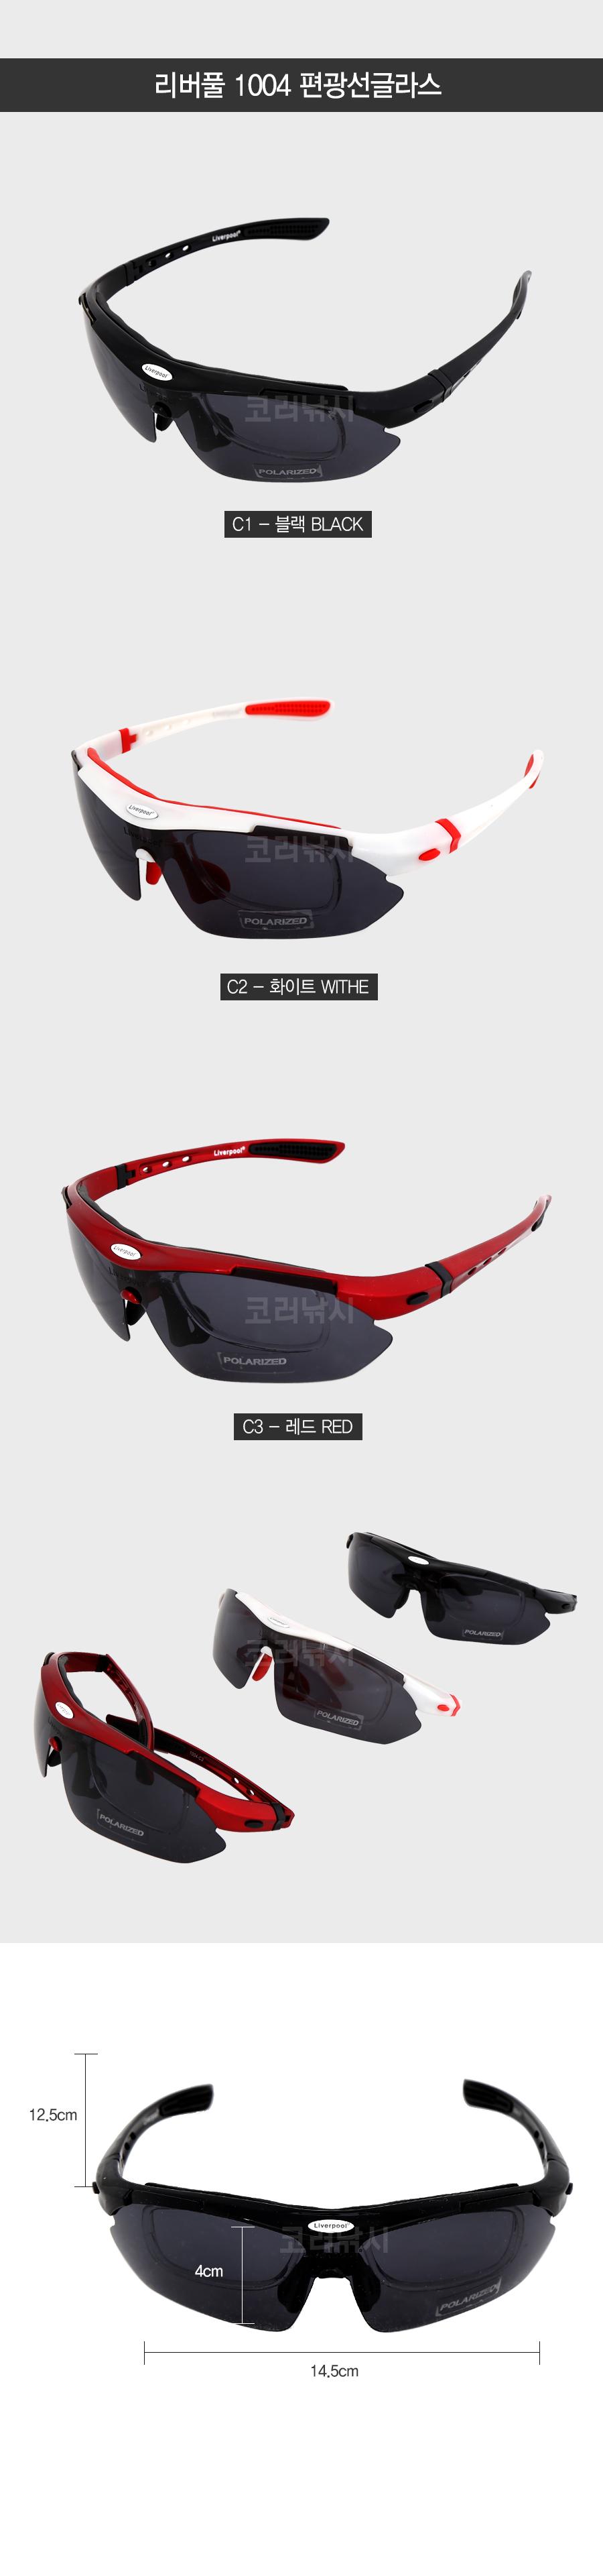 리버풀 1004 도수 편광선글라스 (도수안경+편광안경) 도수편광안경 선글라스 안경